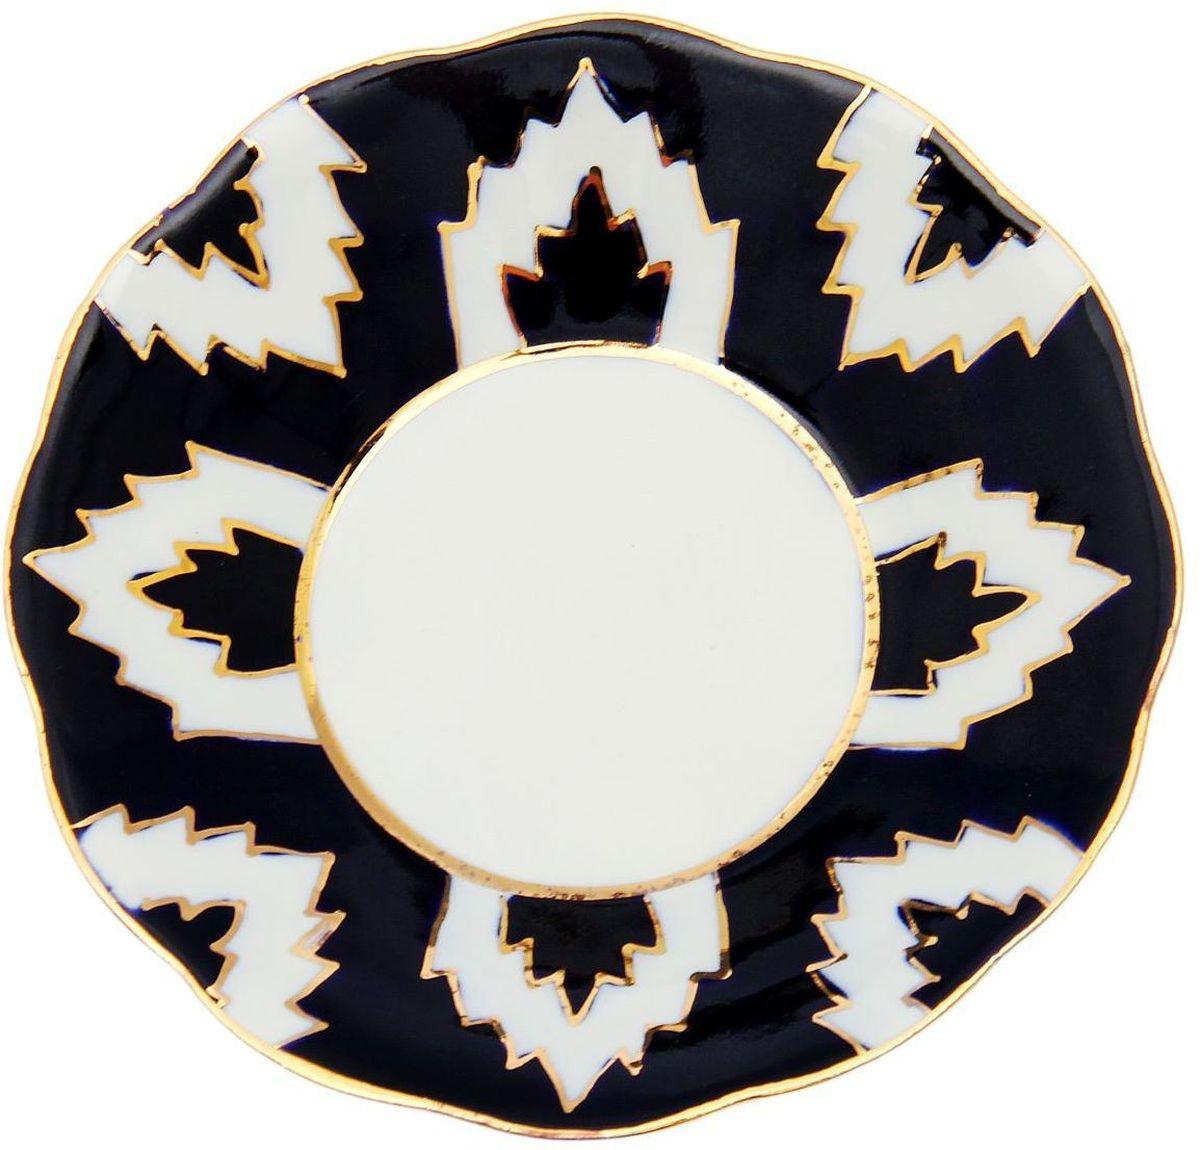 Тарелка Turon Porcelain Атлас, цвет: синий, белый, золотистый, диаметр 13 см1625402Тарелка Turon Porcelain Атлас, выполненная из качественного фарфора, подойдет для повседневной и праздничной сервировки. Дополните стол текстилем и салфетками в тон, чтобы получить элегантное убранство с яркими акцентами.Национальная узбекская роспись Атлас имеет симметричный геометрический рисунок. Узоры, похожие на листья, выводятся тонкой кистью, фон заливается темно-синим кобальтом. Синий краситель при обжиге слегка растекается и придает контуру изображений голубой оттенок. Густая глазурь наносится толстым слоем, благодаря чему рисунок мерцает.Узбекская посуда известна всему миру уже более тысячи лет. Ей любовались царские особы, на ней подавали еду для шейхов и знатных персон. Формулы красок и глазури передаются из поколения в поколение. По сей день качественные расписные изделия продолжают восхищать совершенством и завораживающей красотой.